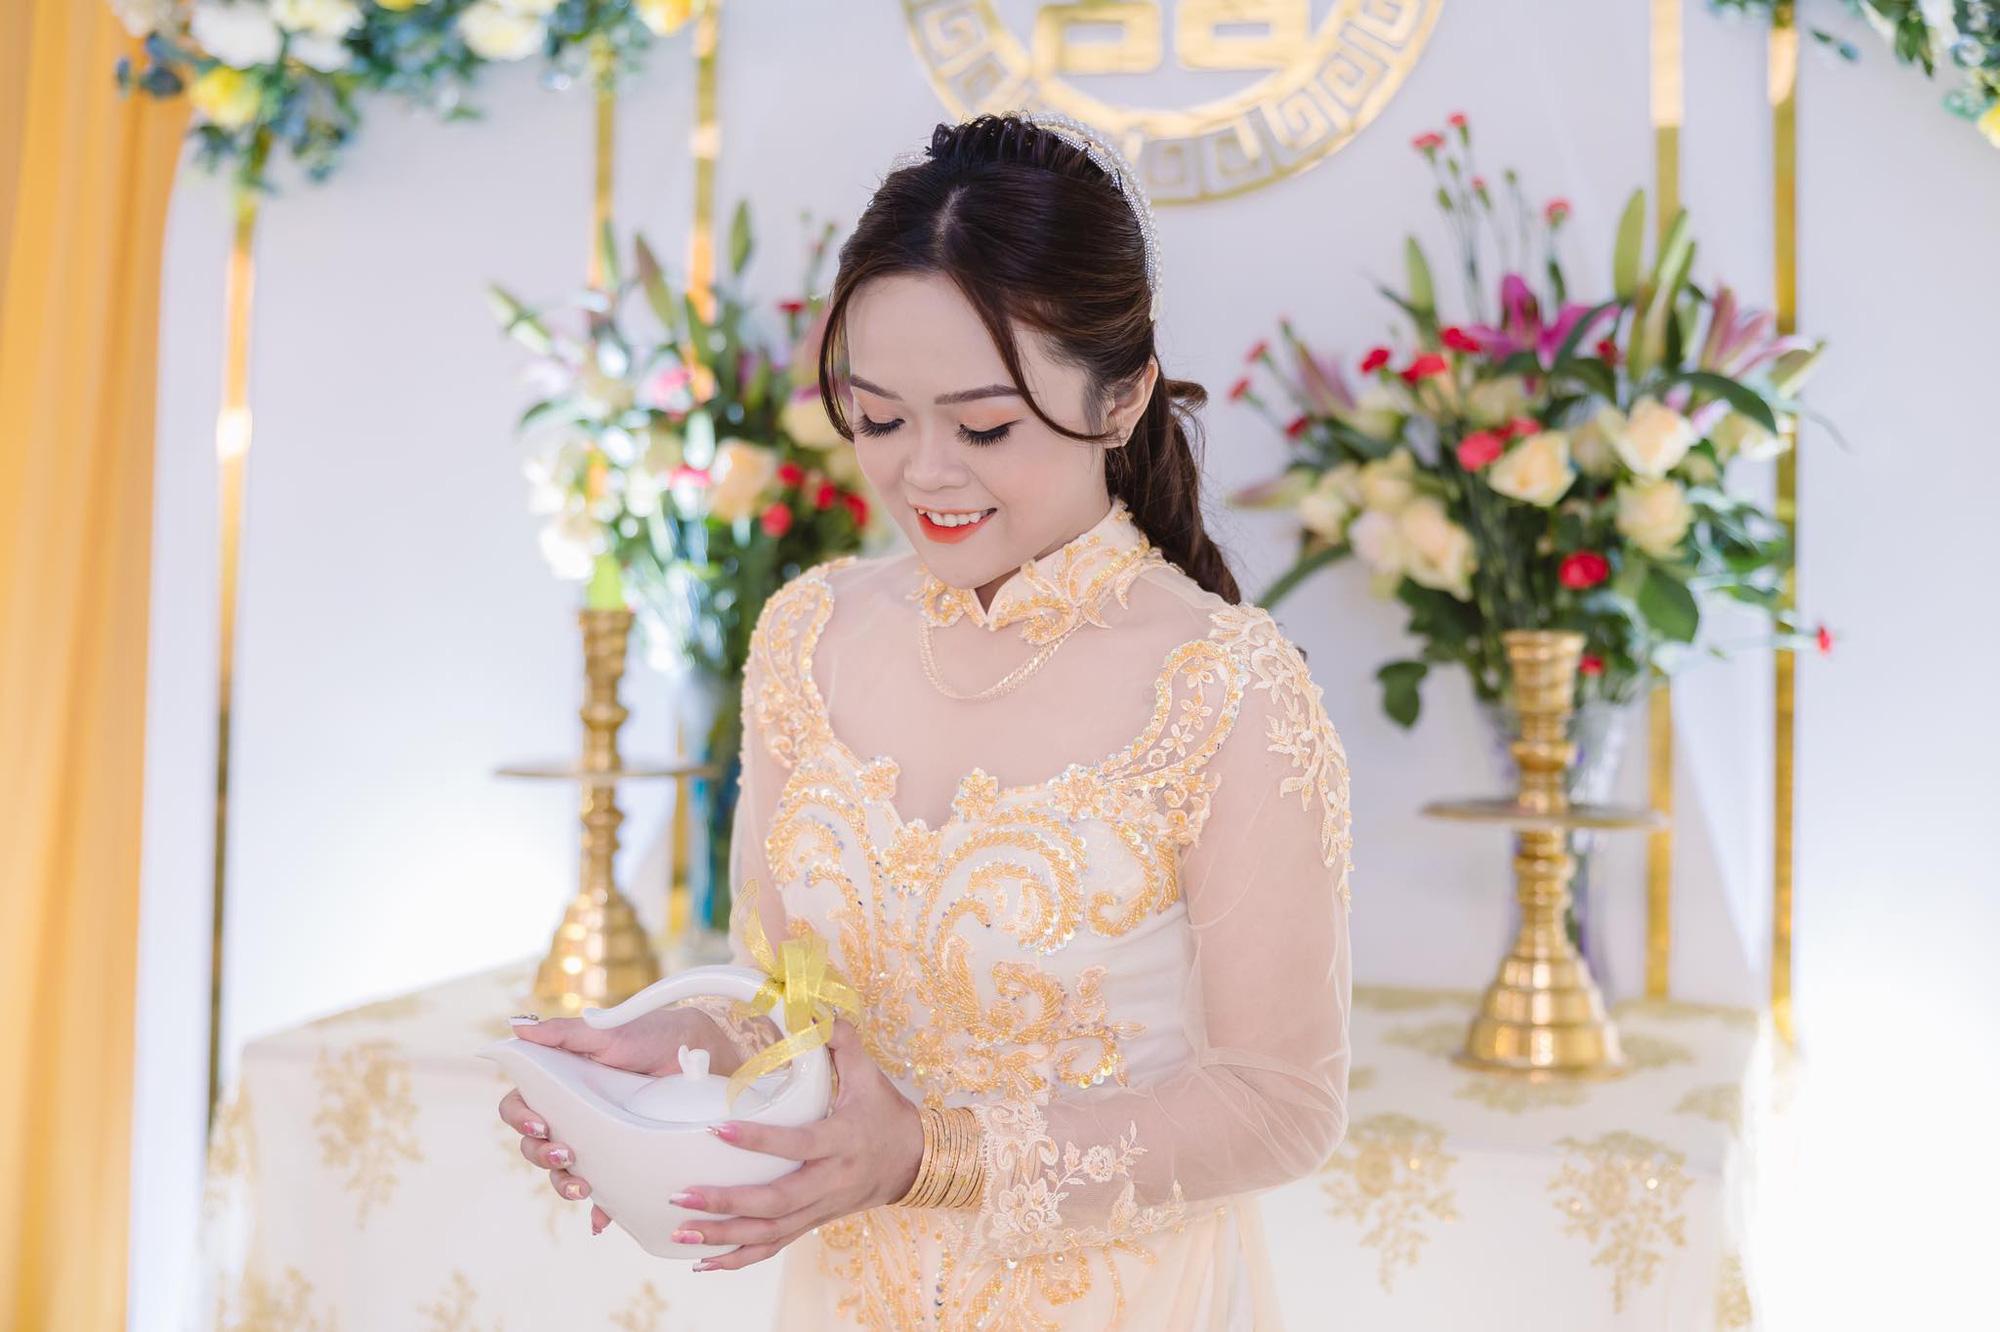 Cô dâu 18 tuổi được tặng 20 cây vàng đeo trĩu người gây bão: Tiết lộ thêm về khoản tiền mặt bố mẹ chồng cho thêm ở đám cưới! 6